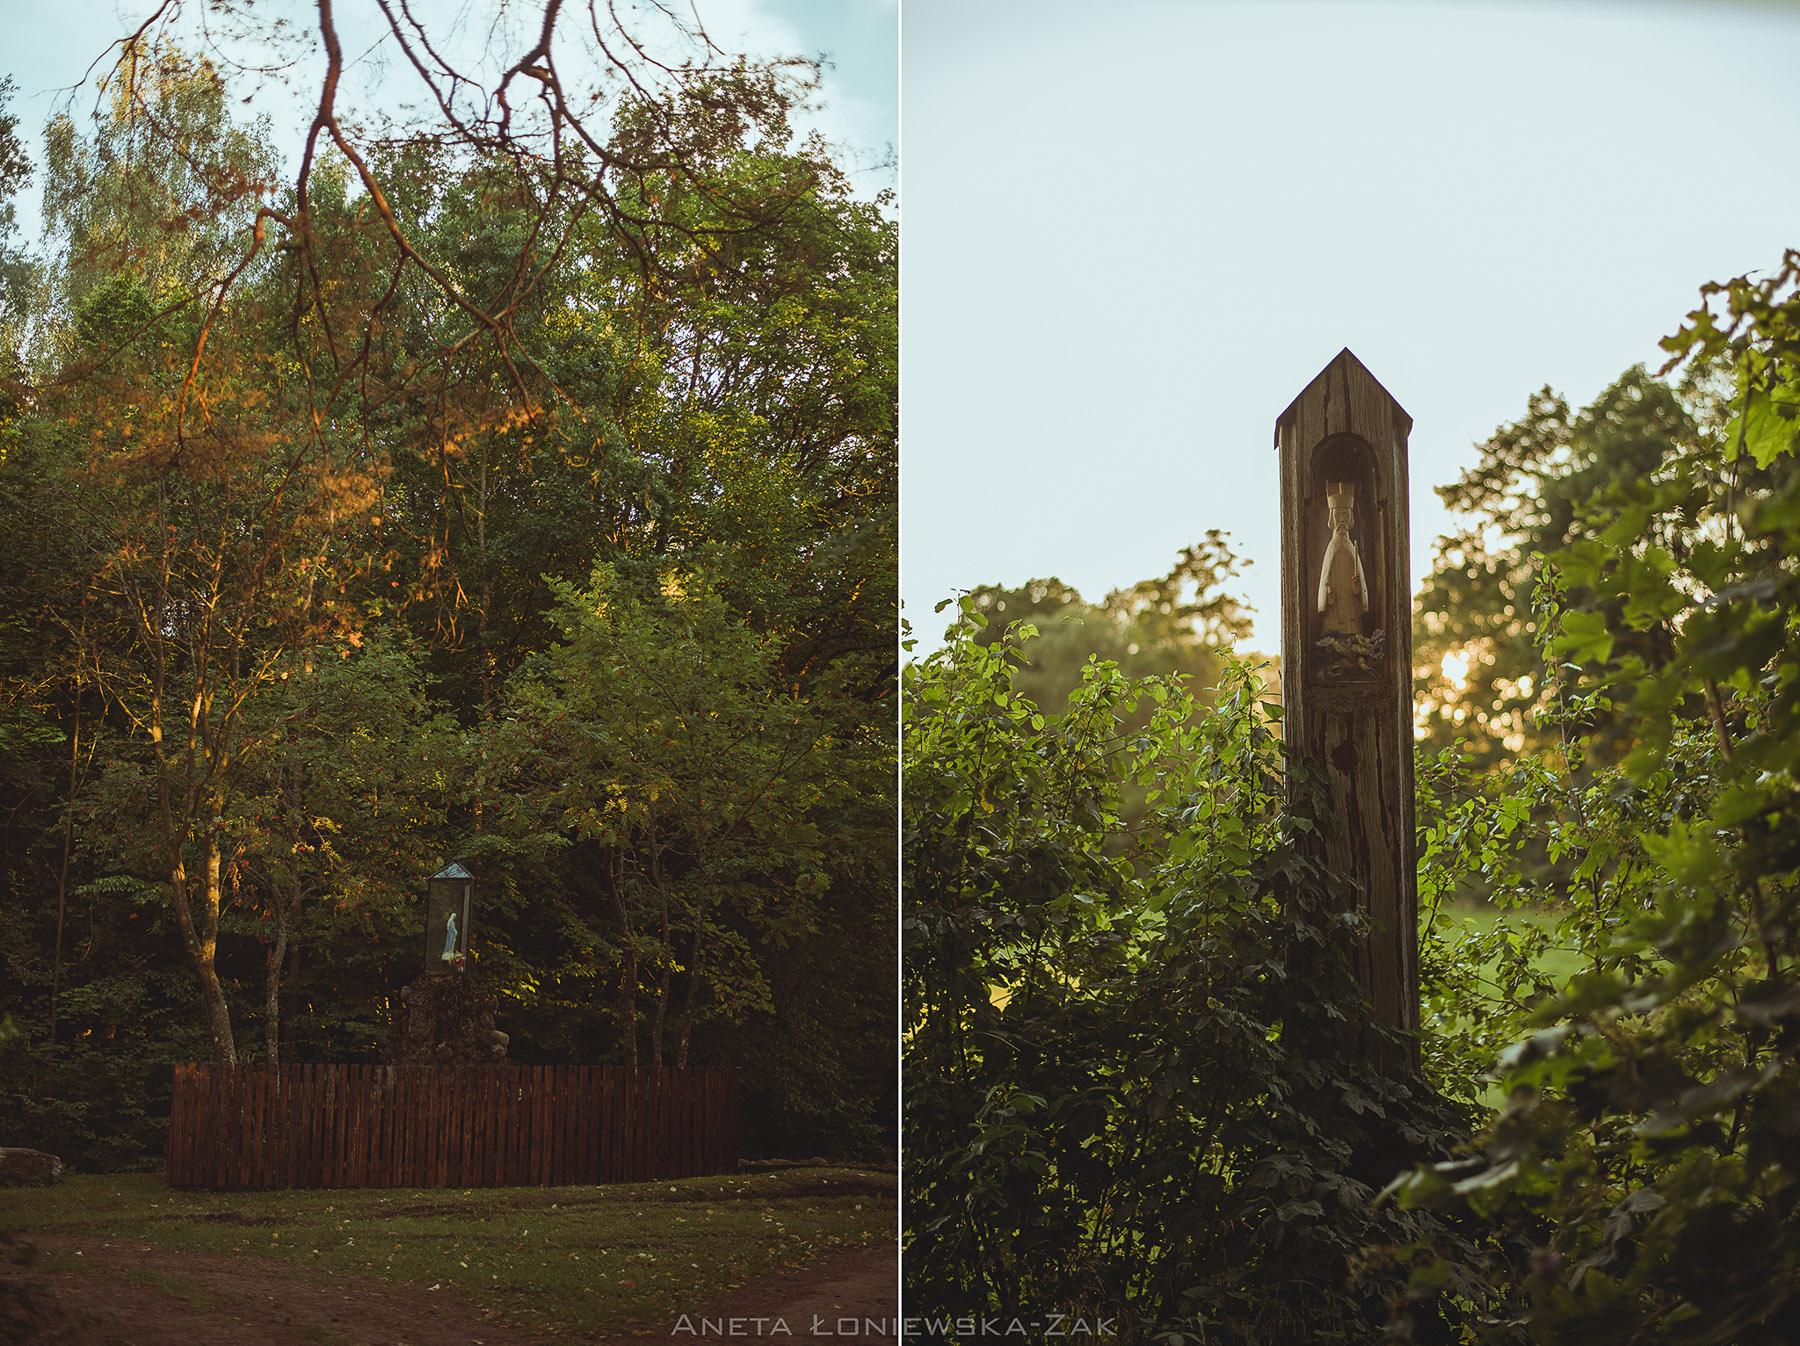 fotografia przyrodnicza, puszcza knyszyńska, podlasie, drewniana kapliczka